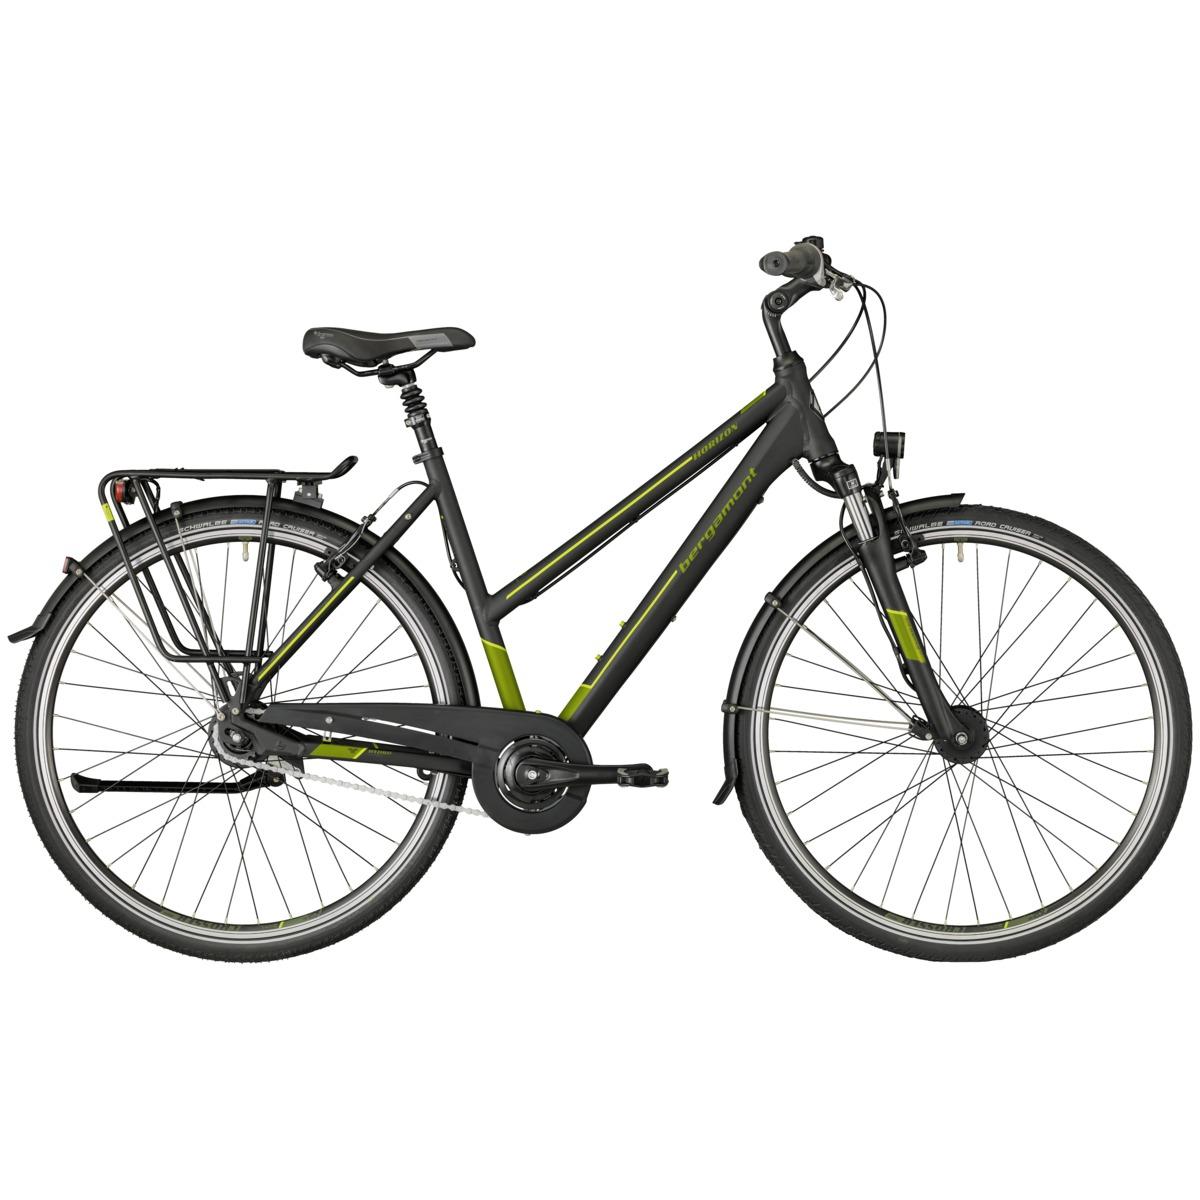 bergamont horizon n8 cb damen trekking fahrrad schwarz gr n 2018 von top marken online kaufen. Black Bedroom Furniture Sets. Home Design Ideas